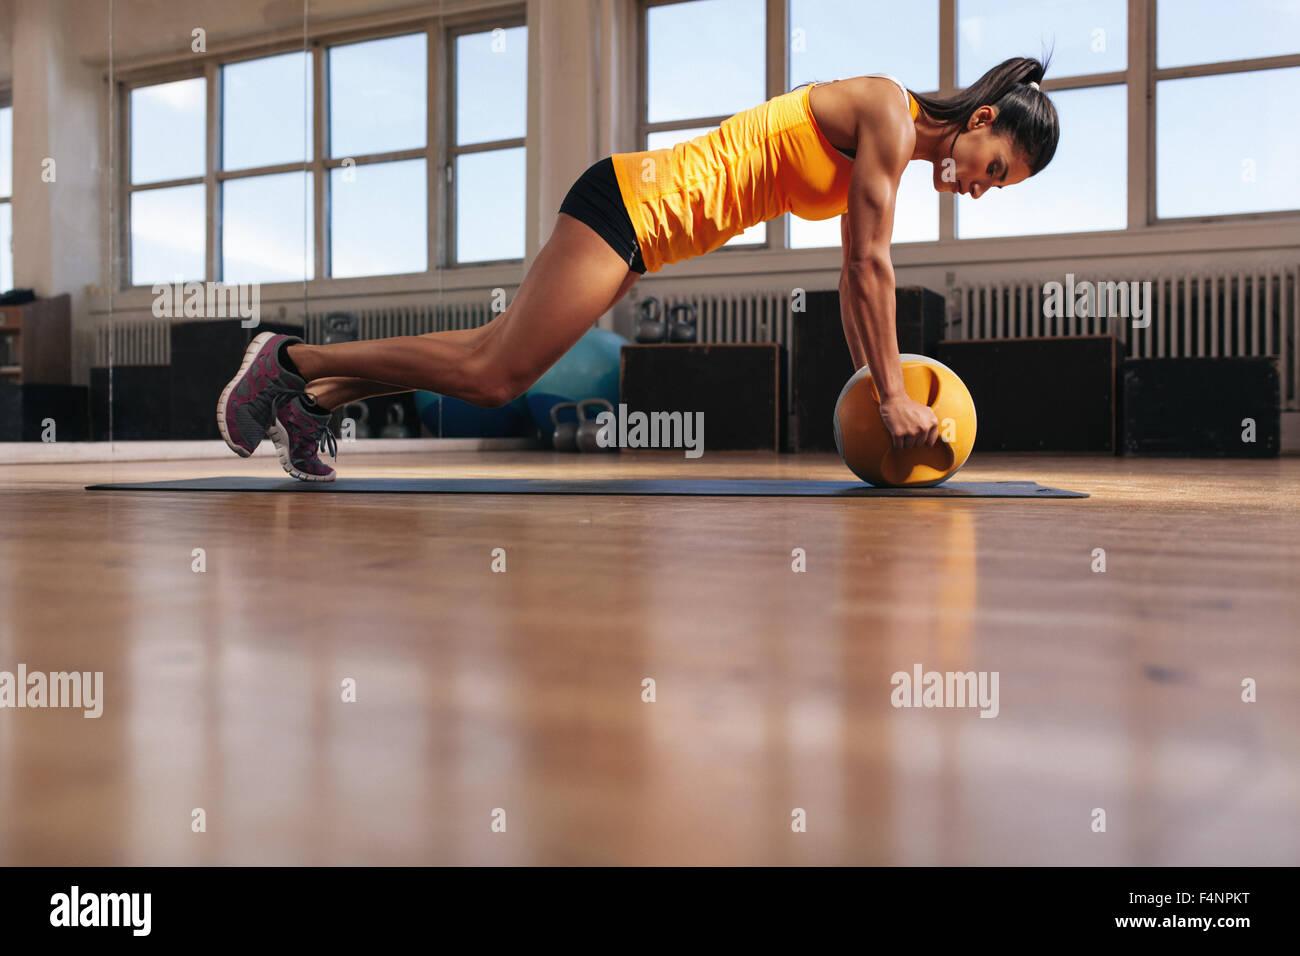 Passen Sie die junge Sportlerin, die auf ihre Rumpfmuskulatur ...